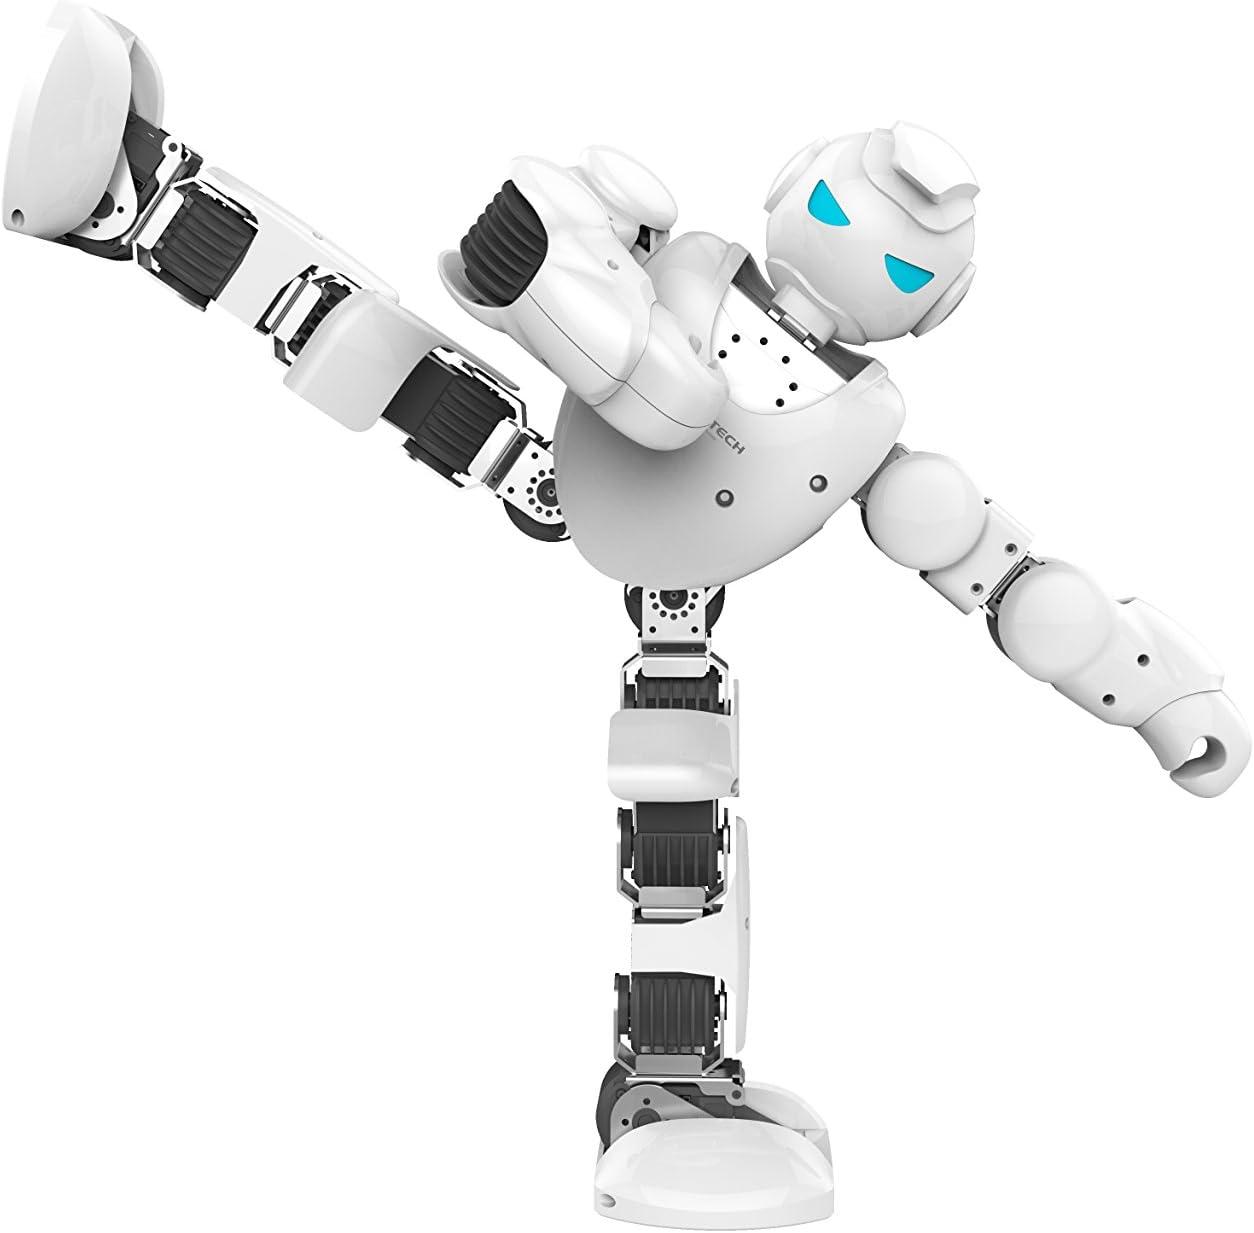 Amazon.es: Ubtech Alpha 1s - Robot Interactivo, Color Negro y Blanco